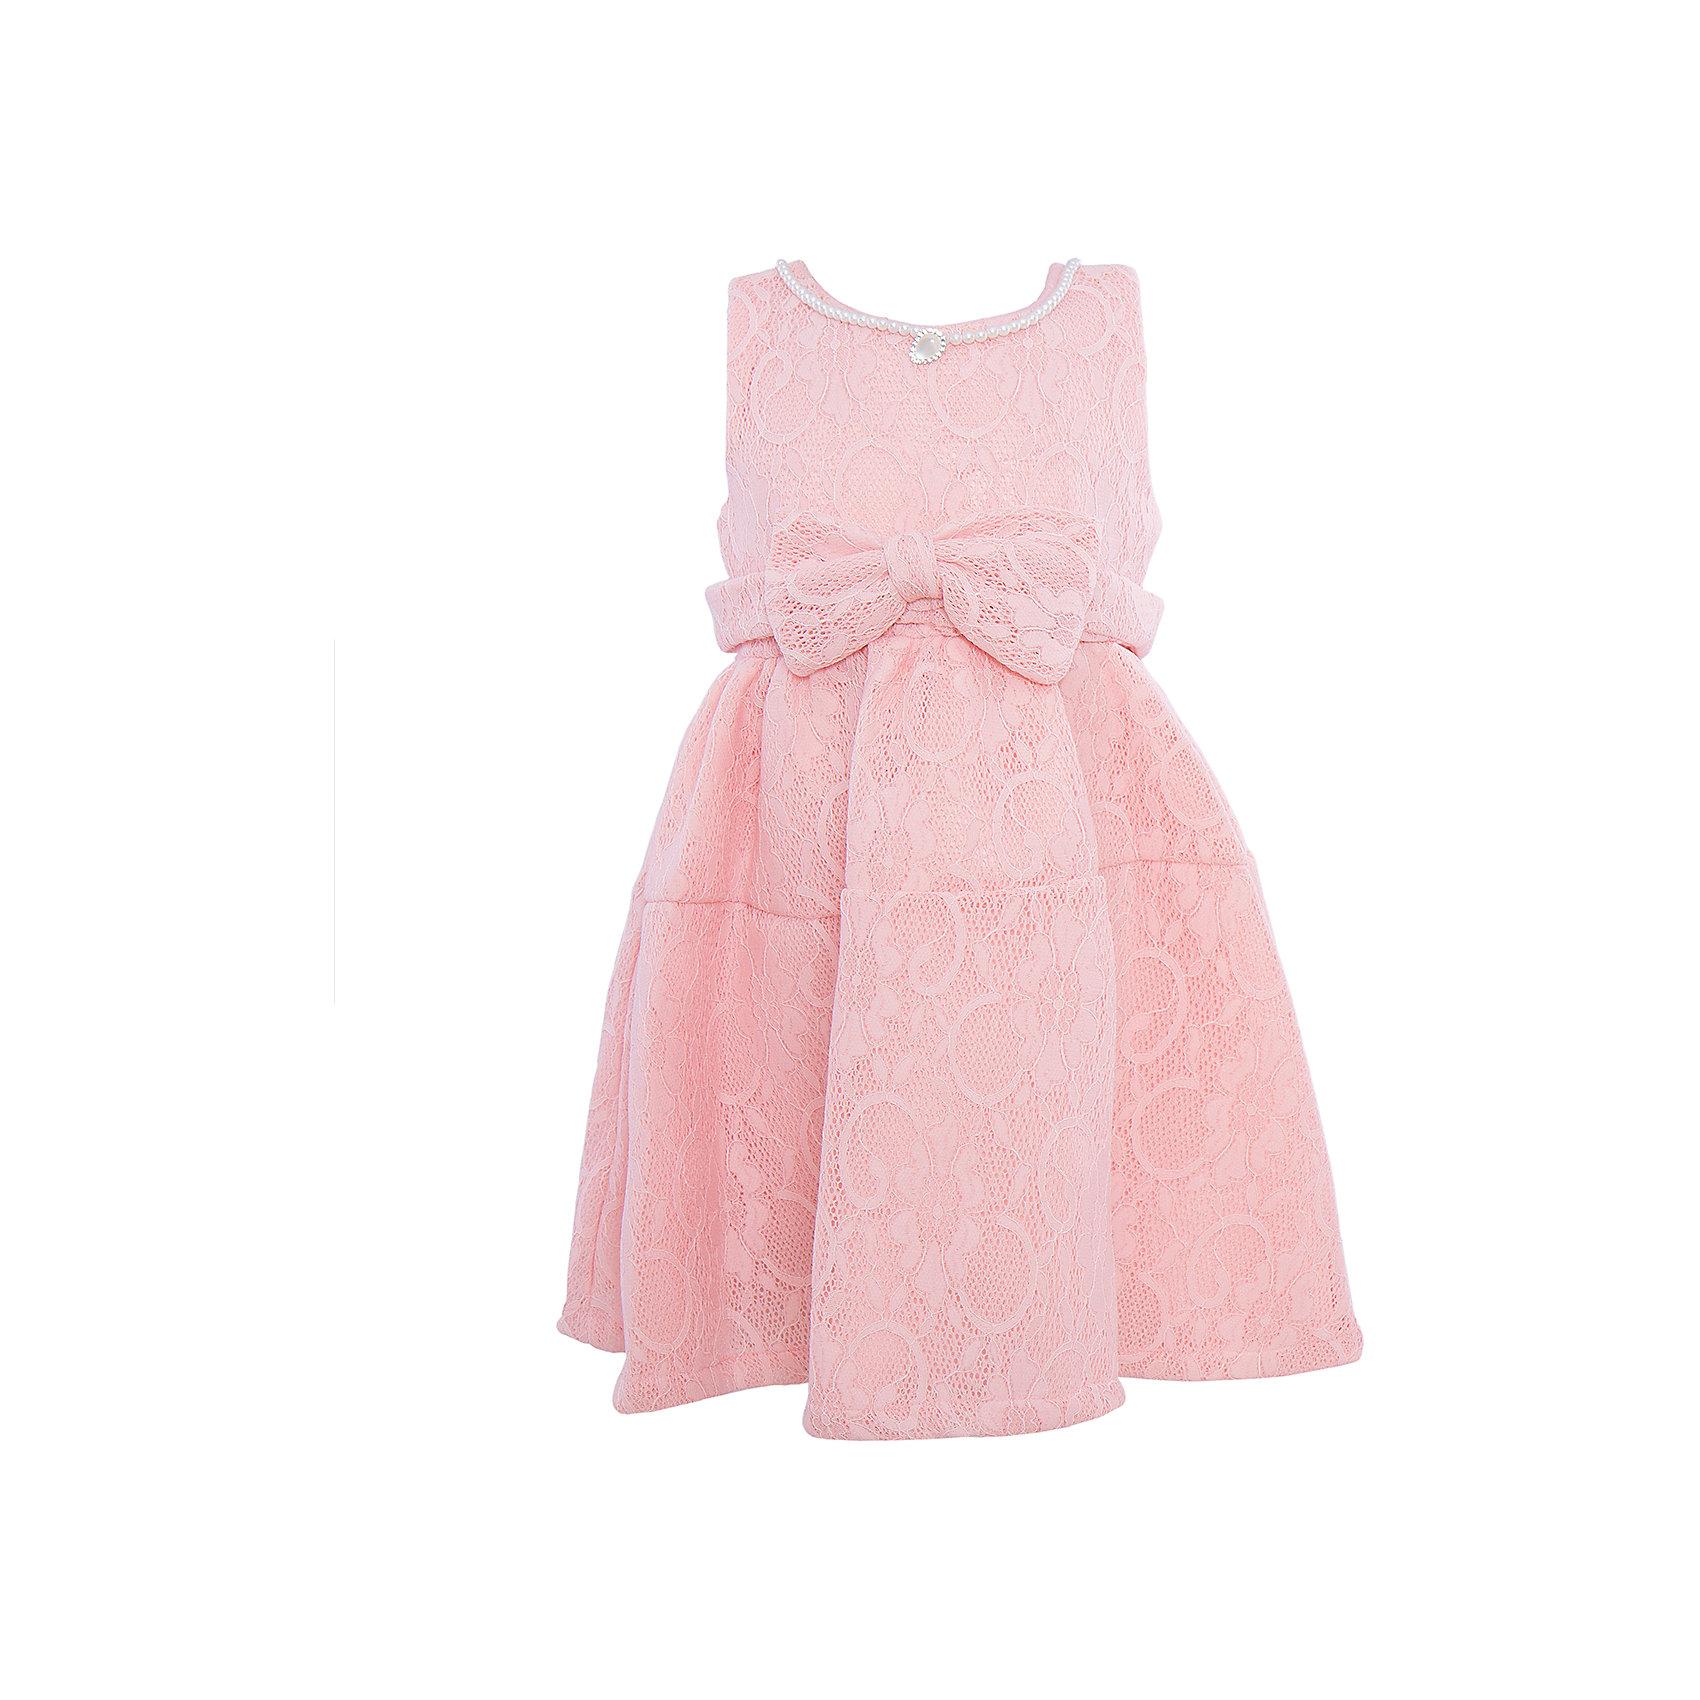 Нарядное платье для девочки Sweet BerryХарактеристики:<br><br>• Вид одежды: платье<br>• Предназначение: для праздника, торжеств<br>• Сезон: круглый год<br>• Материал: верх – 100% полиэстер; подкладка – 100% хлопок<br>• Цвет: пудровый <br>• Силуэт: классический А-силуэт<br>• Длина платья: миди<br>• Вырез горловины: круглый<br>• Горловина декорирована бусинами и кулоном<br>• Наличие объемного пояса с декоративным бантом<br>• Застежка: молния на спинке<br>• Особенности ухода: ручная стирка без применения отбеливающих средств, глажение при низкой температуре <br><br>Sweet Berry – это производитель, который сочетает в своей одежде функциональность, качество, стиль и следование современным мировым тенденциям в детской текстильной индустрии. <br>Платье для девочки от знаменитого производителя детской одежды Sweet Berry выполнено из полиэстера с хлопковым подкладкой. Изделие имеет классический силуэт с отрезной талией и отрезной кокеткой у пышной юбки. Пышность юбке придает атласный подклад и подъюбник из сетки. Изделие выполнено из кружевной ткани пудрового оттенка, декорировано объемным поясом с декоративным бантом. Горловина оформлена бусинами в форме жемчужин и кулоном в форме капли. Праздничное платье от Sweet Berry – это залог успеха вашего ребенка на любом торжестве!<br><br>Платье для девочки Sweet Berry можно купить в нашем интернет-магазине.<br><br>Ширина мм: 236<br>Глубина мм: 16<br>Высота мм: 184<br>Вес г: 177<br>Цвет: бежевый<br>Возраст от месяцев: 24<br>Возраст до месяцев: 36<br>Пол: Женский<br>Возраст: Детский<br>Размер: 104,128,122,116,110,98<br>SKU: 5052091